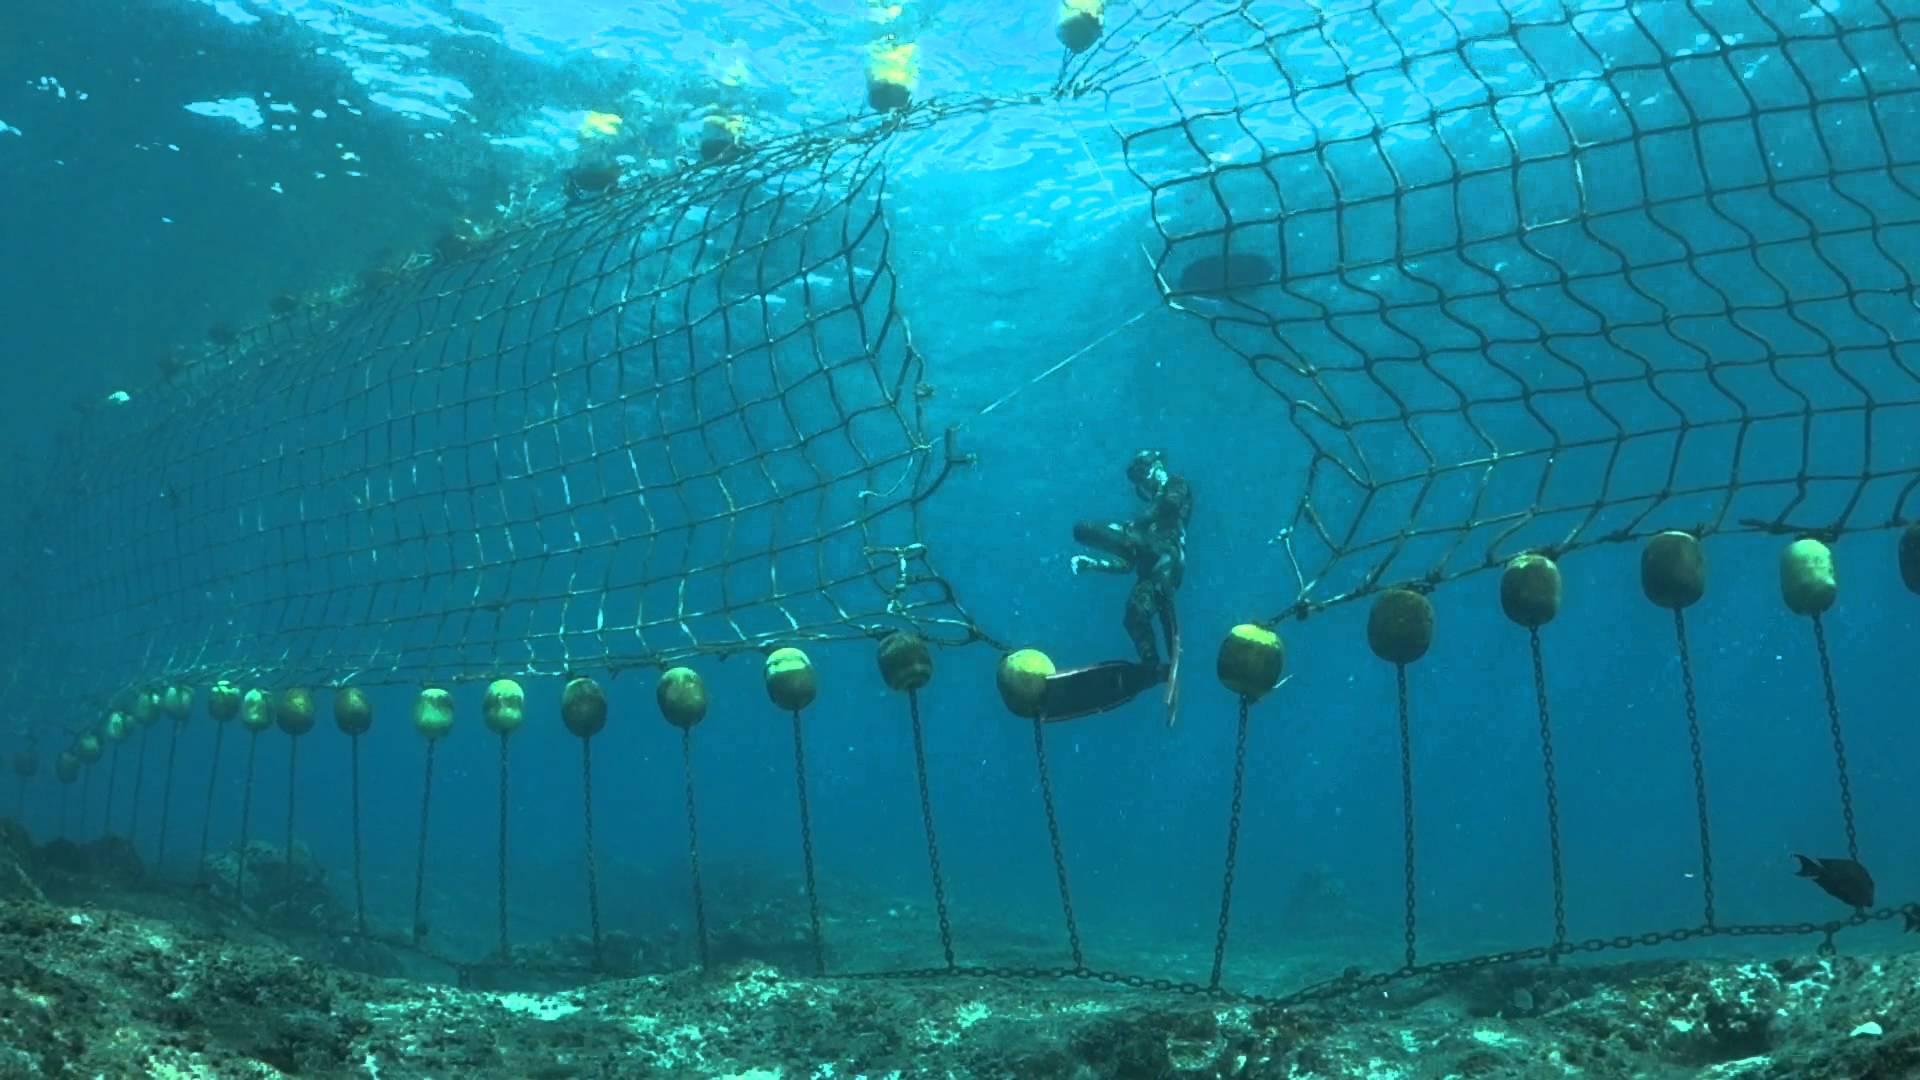 Bientôt de nouveaux filets anti-requins à boucan canot, rassurant?